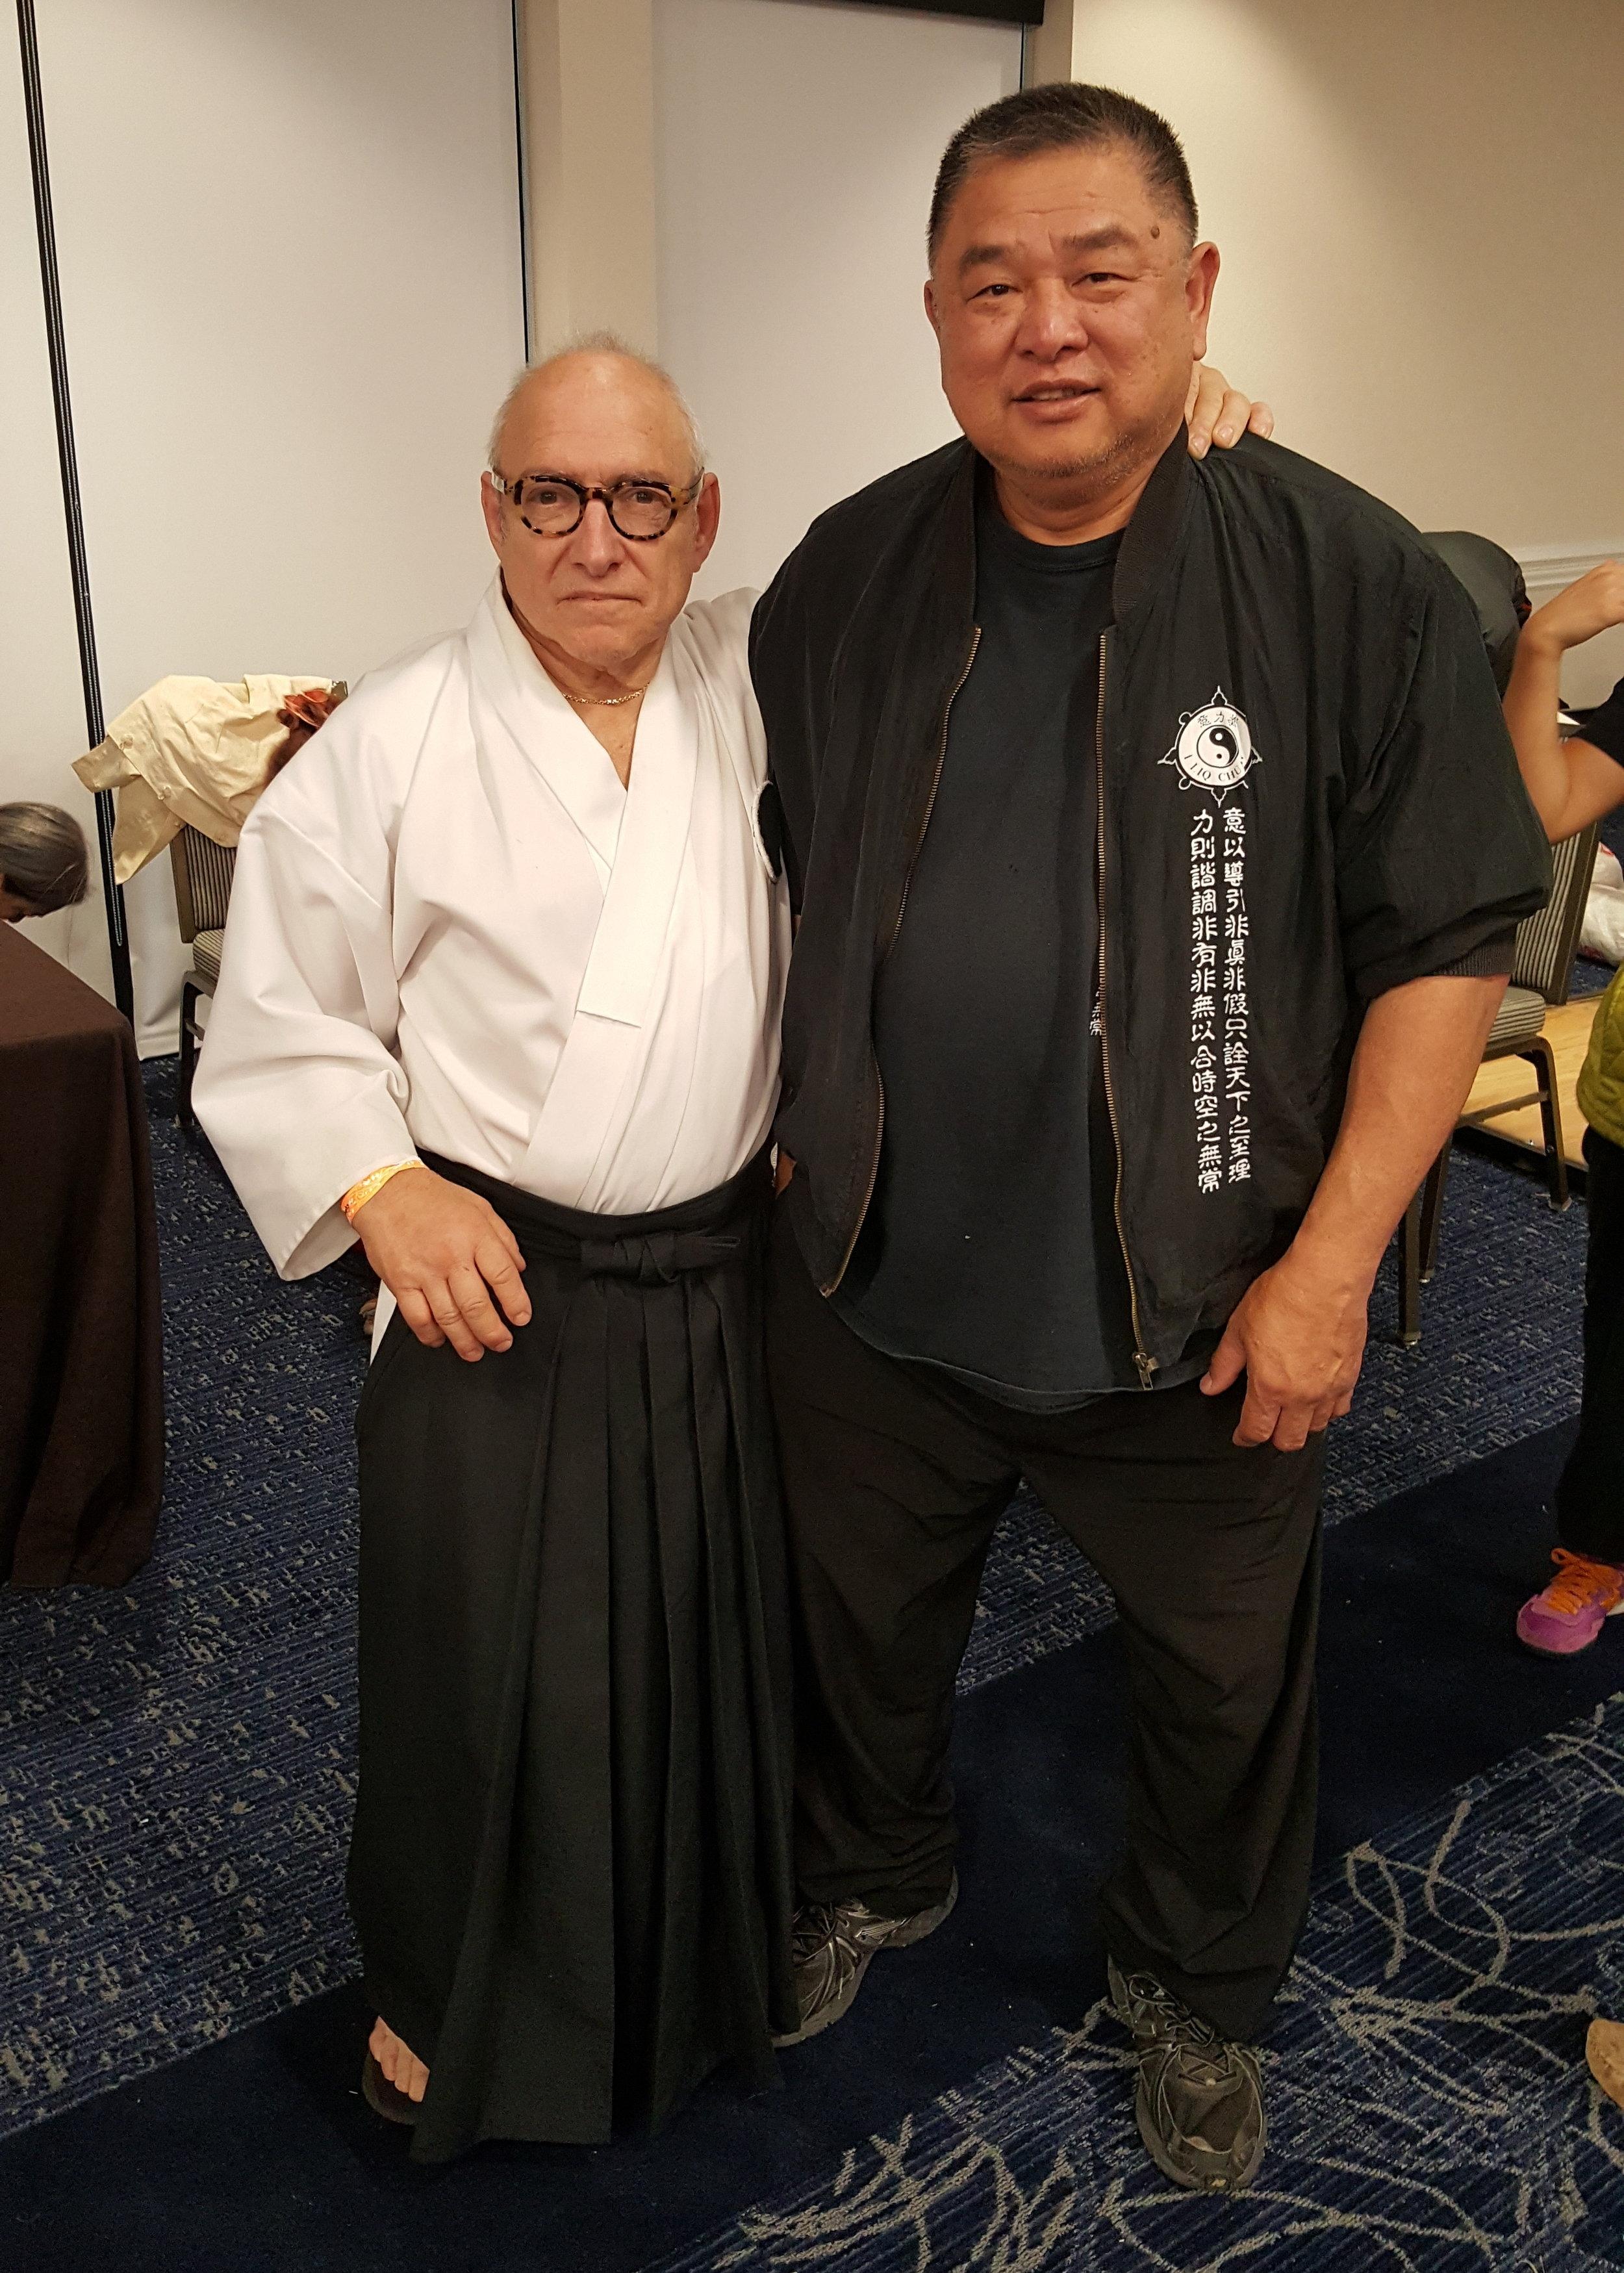 Sam Chin and Roy Goldberg